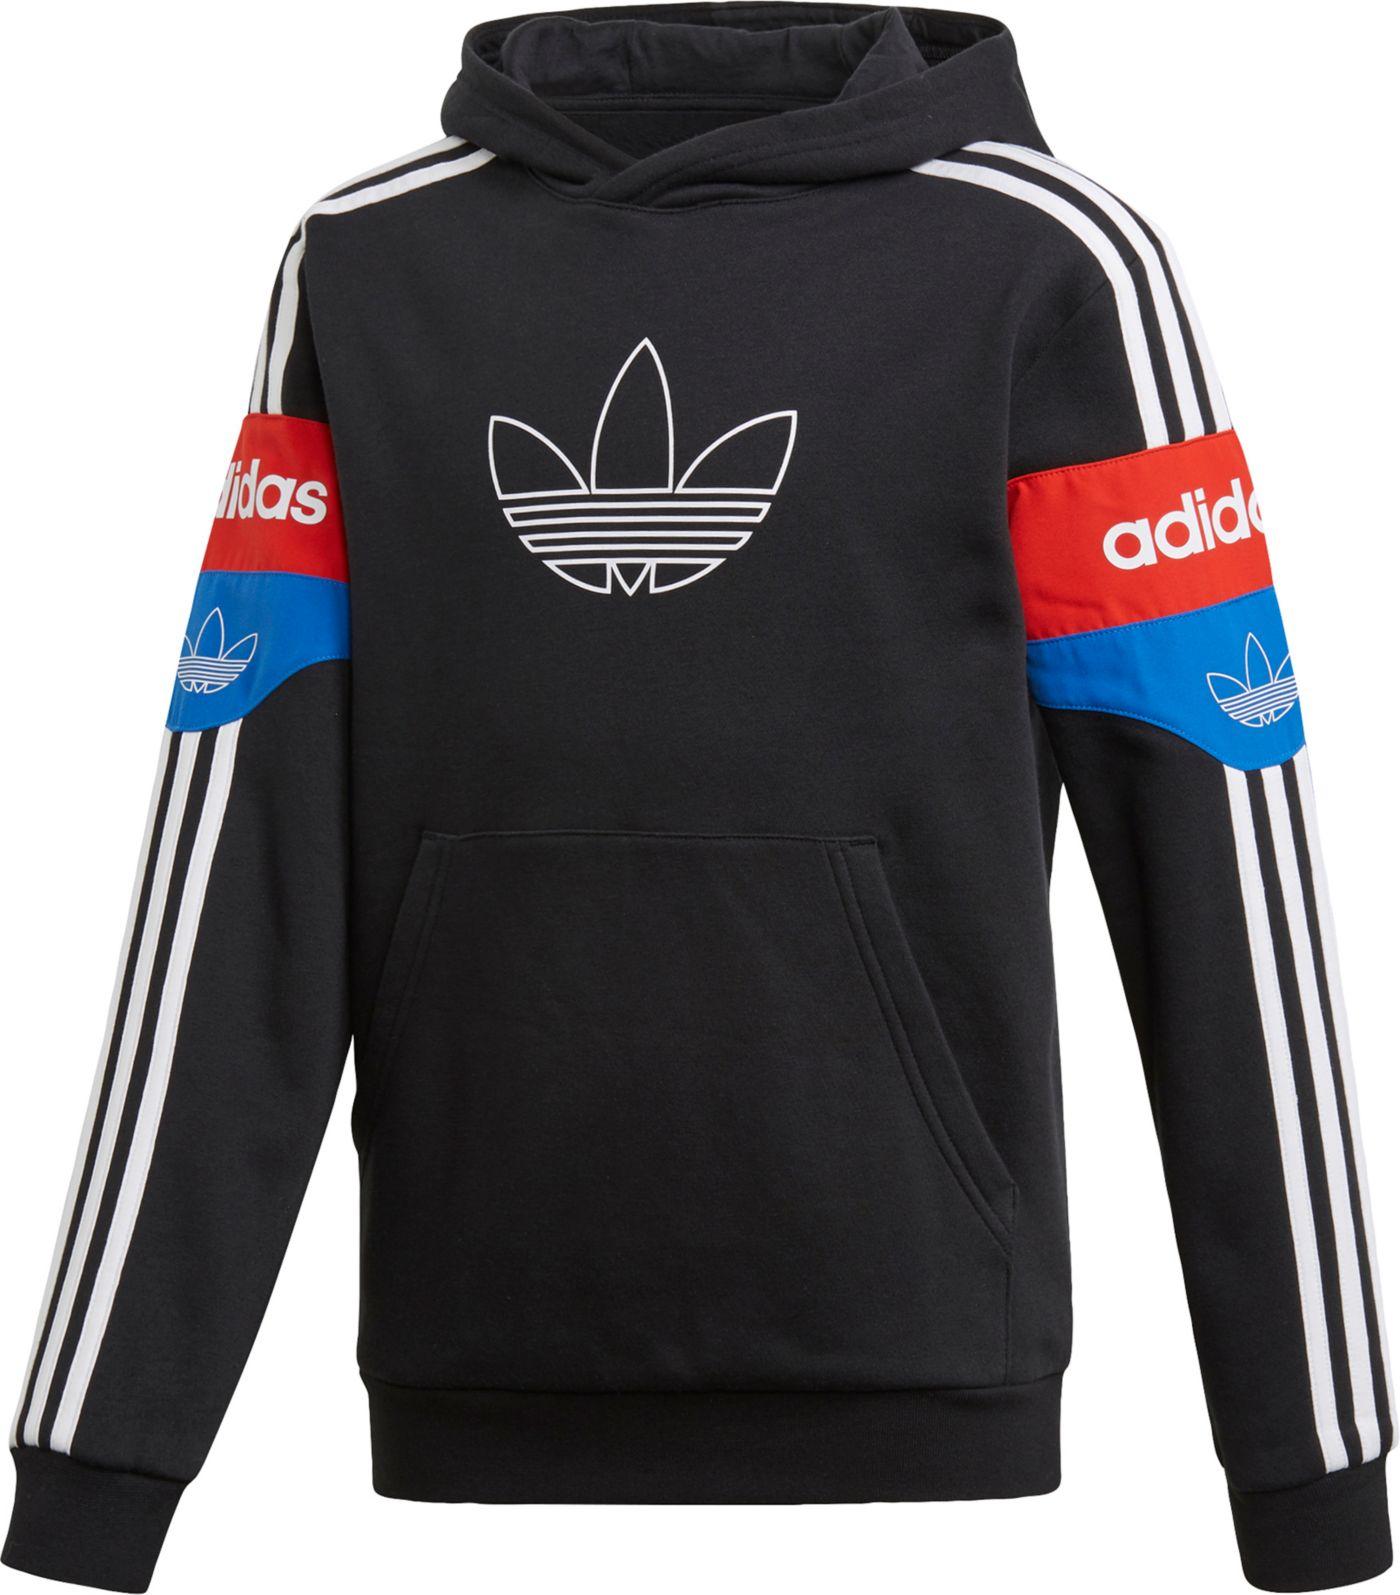 adidas Originals Boys' Graphic Colorblock Hoodie